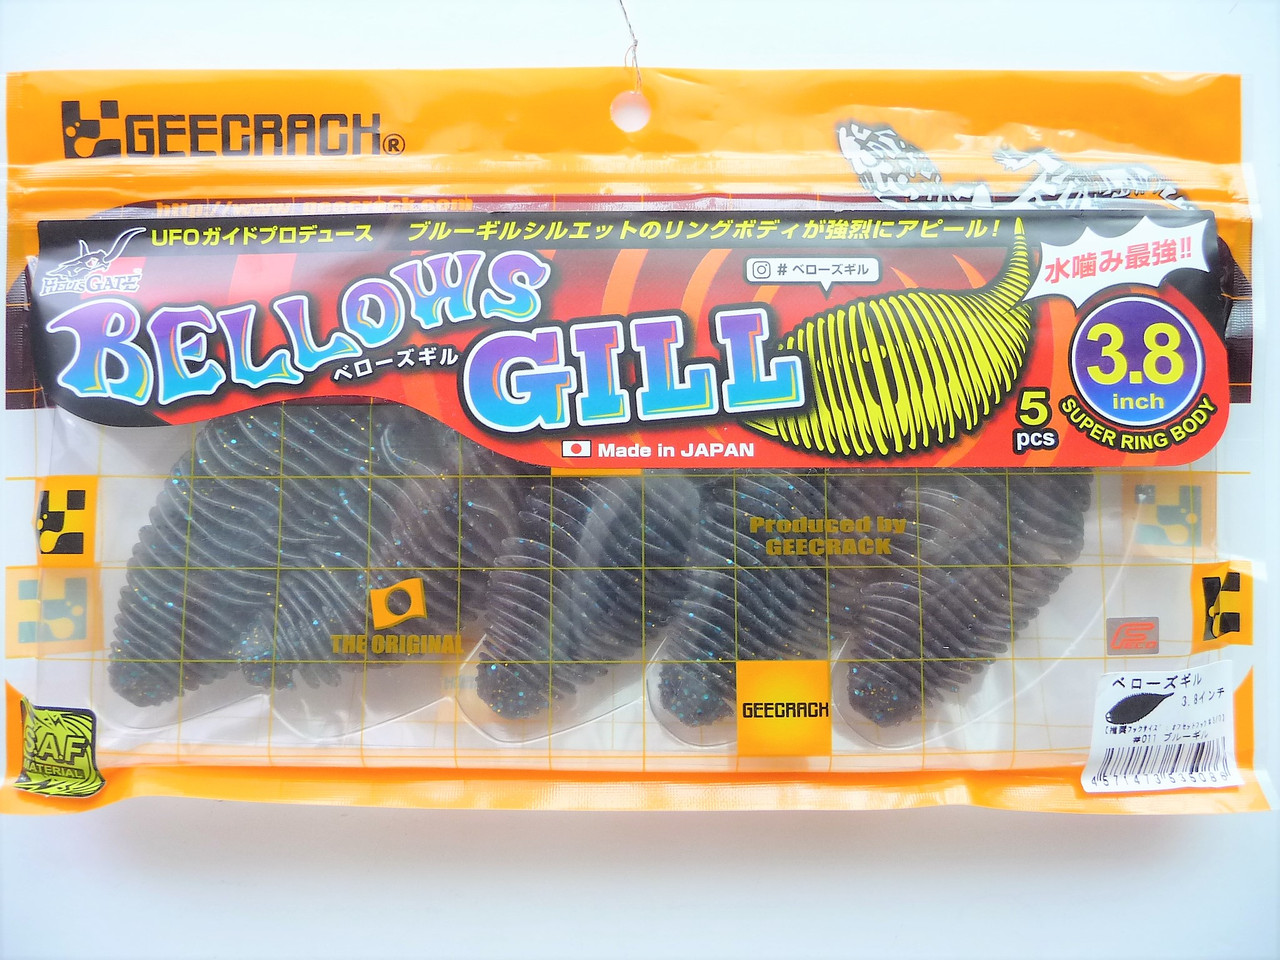 GEECRACK BELLOWS GILL 3.8 #011 Blue Gill NEW